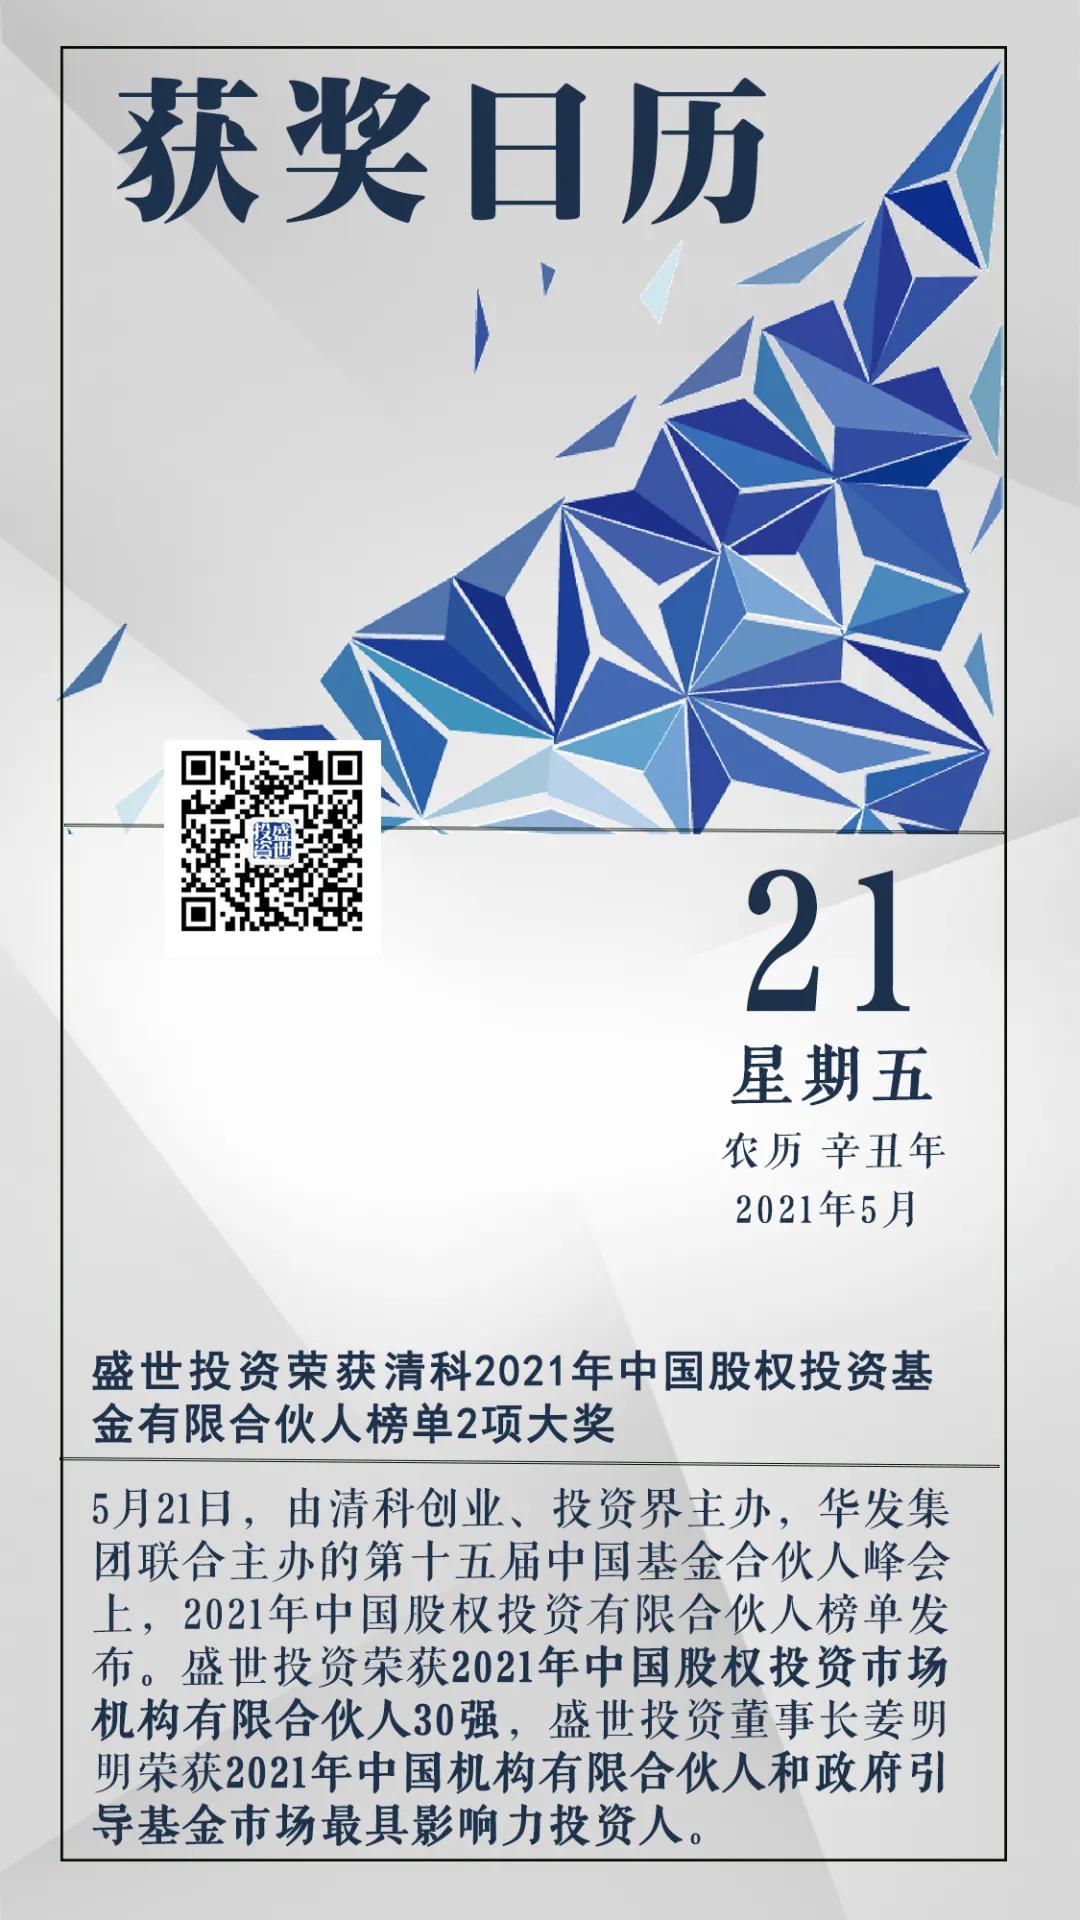 盛世投资荣获清科2021年中国股权投资基金有限合伙人榜单2项大奖